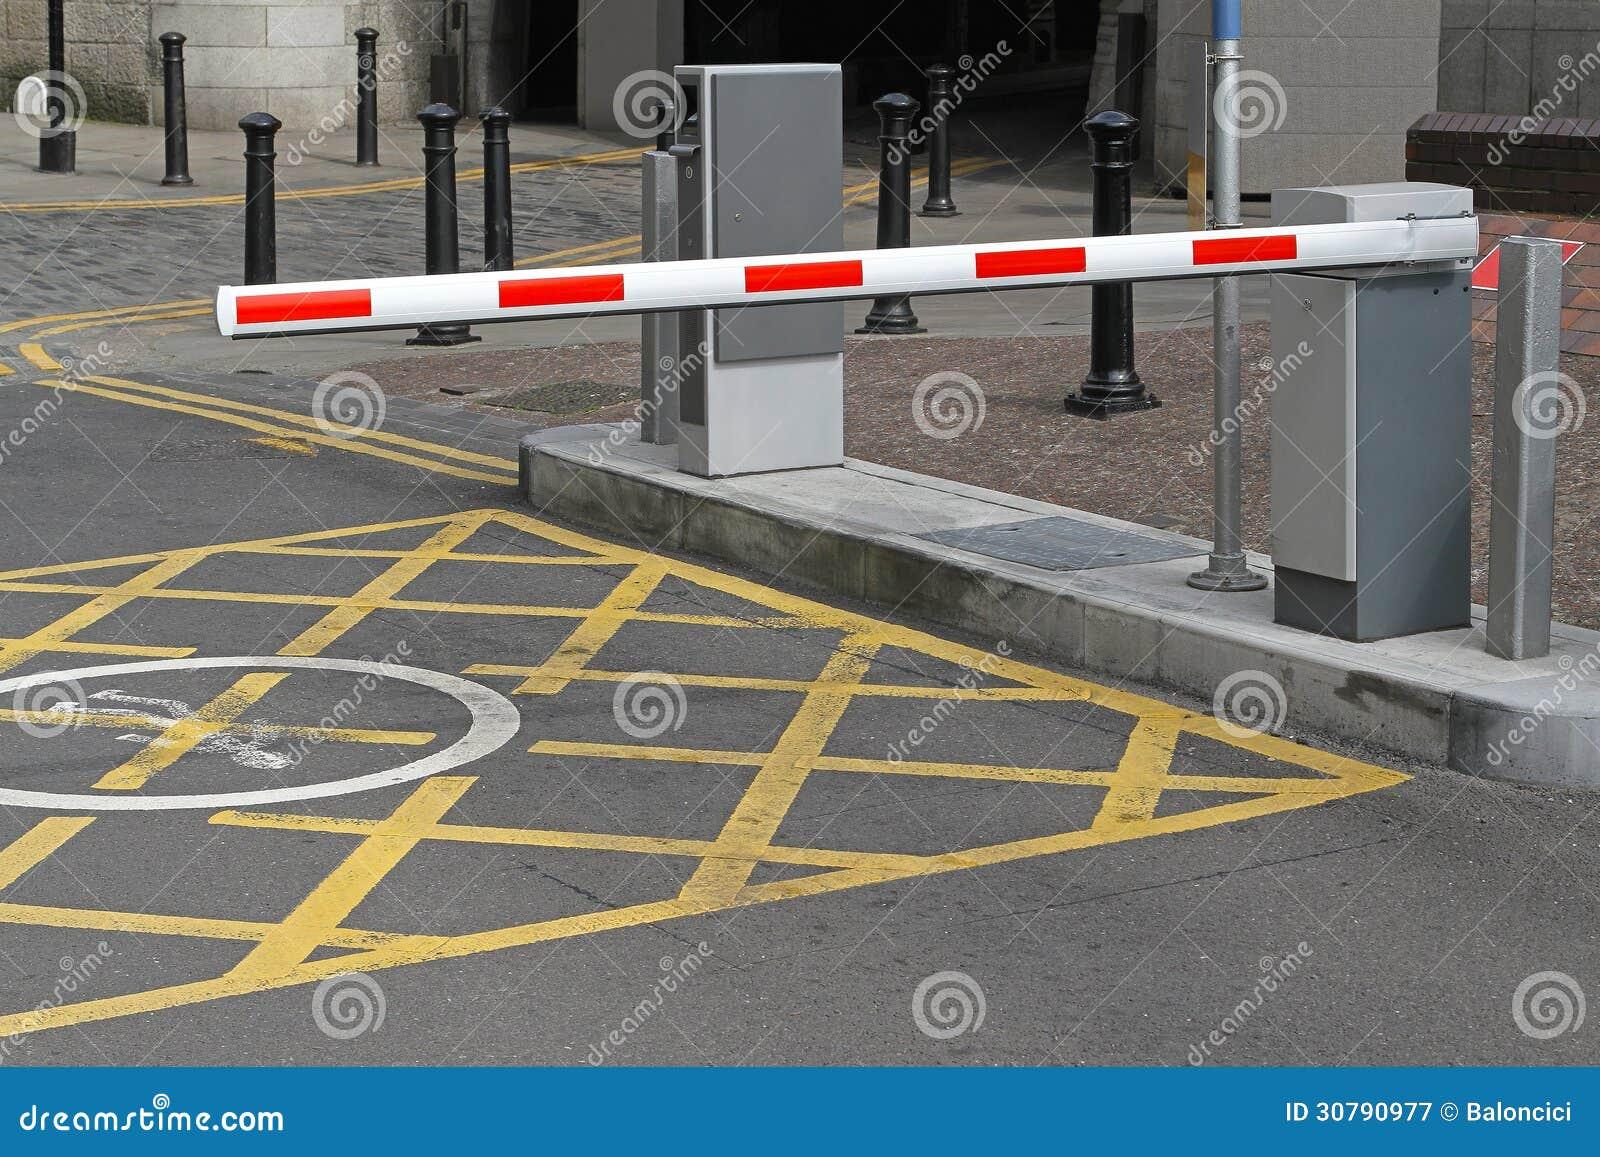 parkplatzsperre stockbild. bild von eingang, beschränkung - 30790977